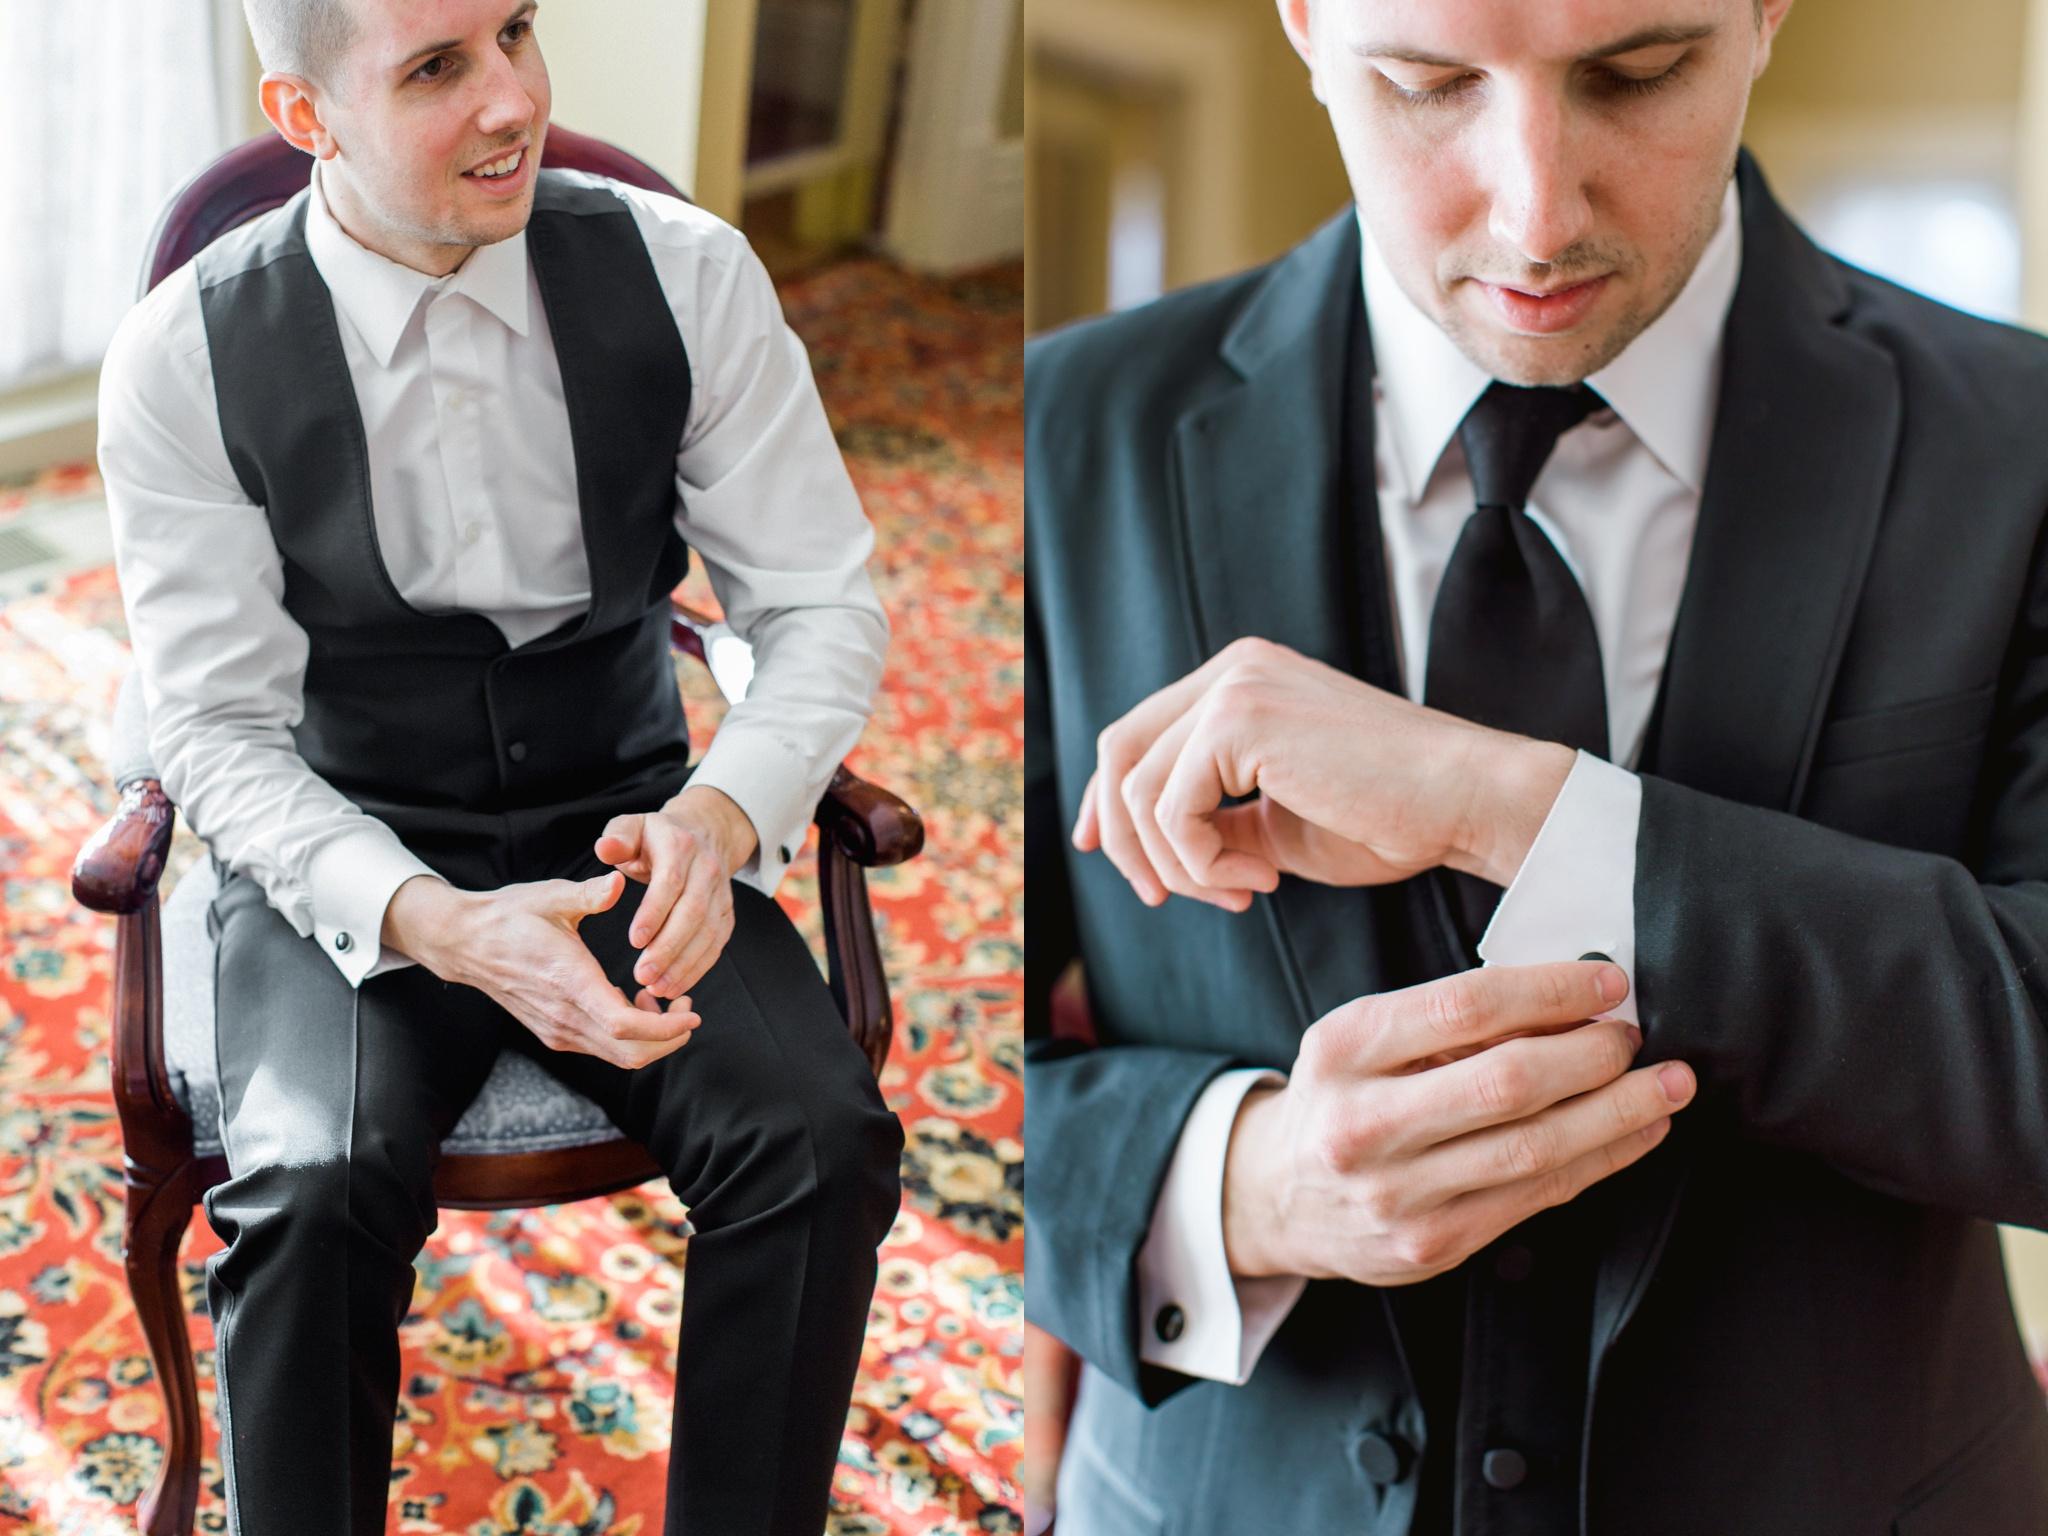 Millcroft Wedding, Spa Wedding, Winter Wedding